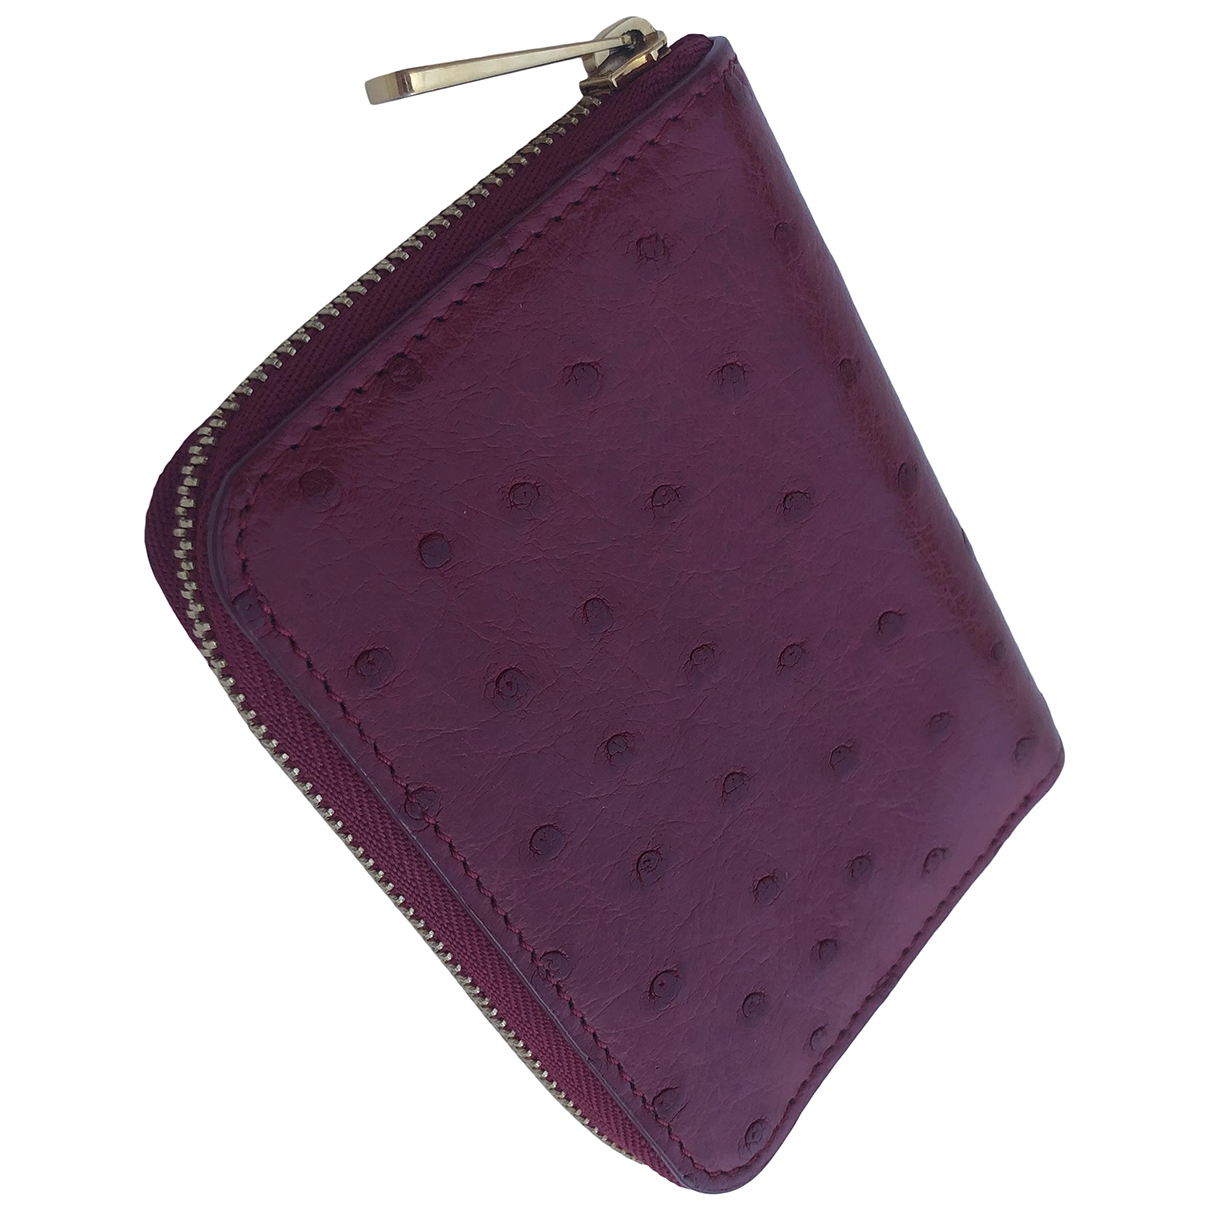 Louis Vuitton - Petite maroquinerie Zippy pour femme en autruche - rouge